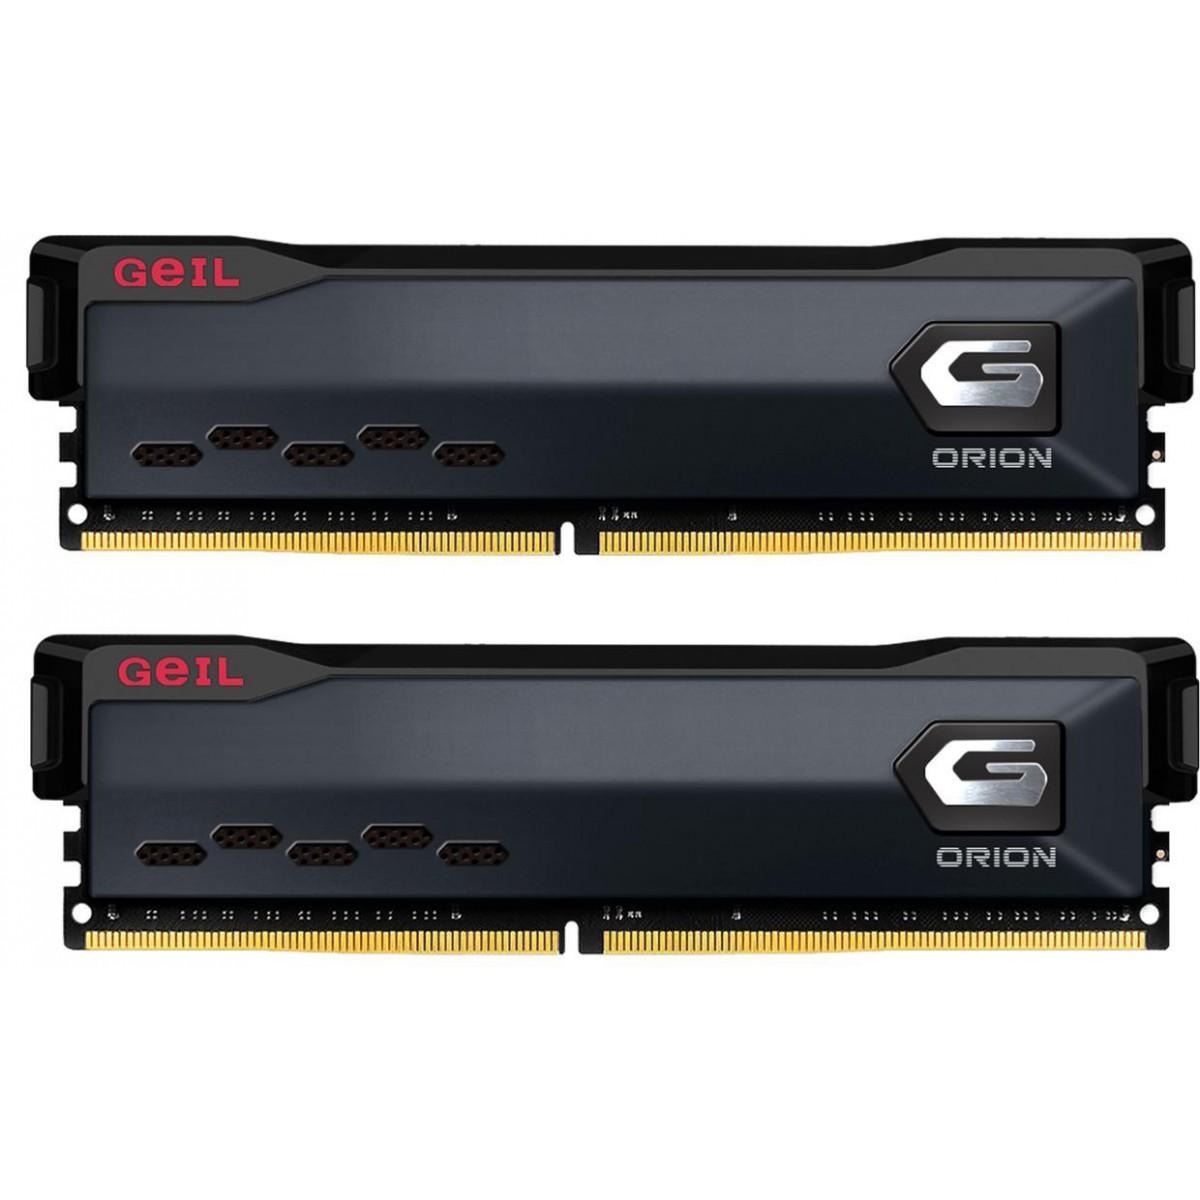 Memória DDR4 Geil Orion, 16GB (2x8GB) 3600MHz, Black, GAOG416GB3600C18BDC